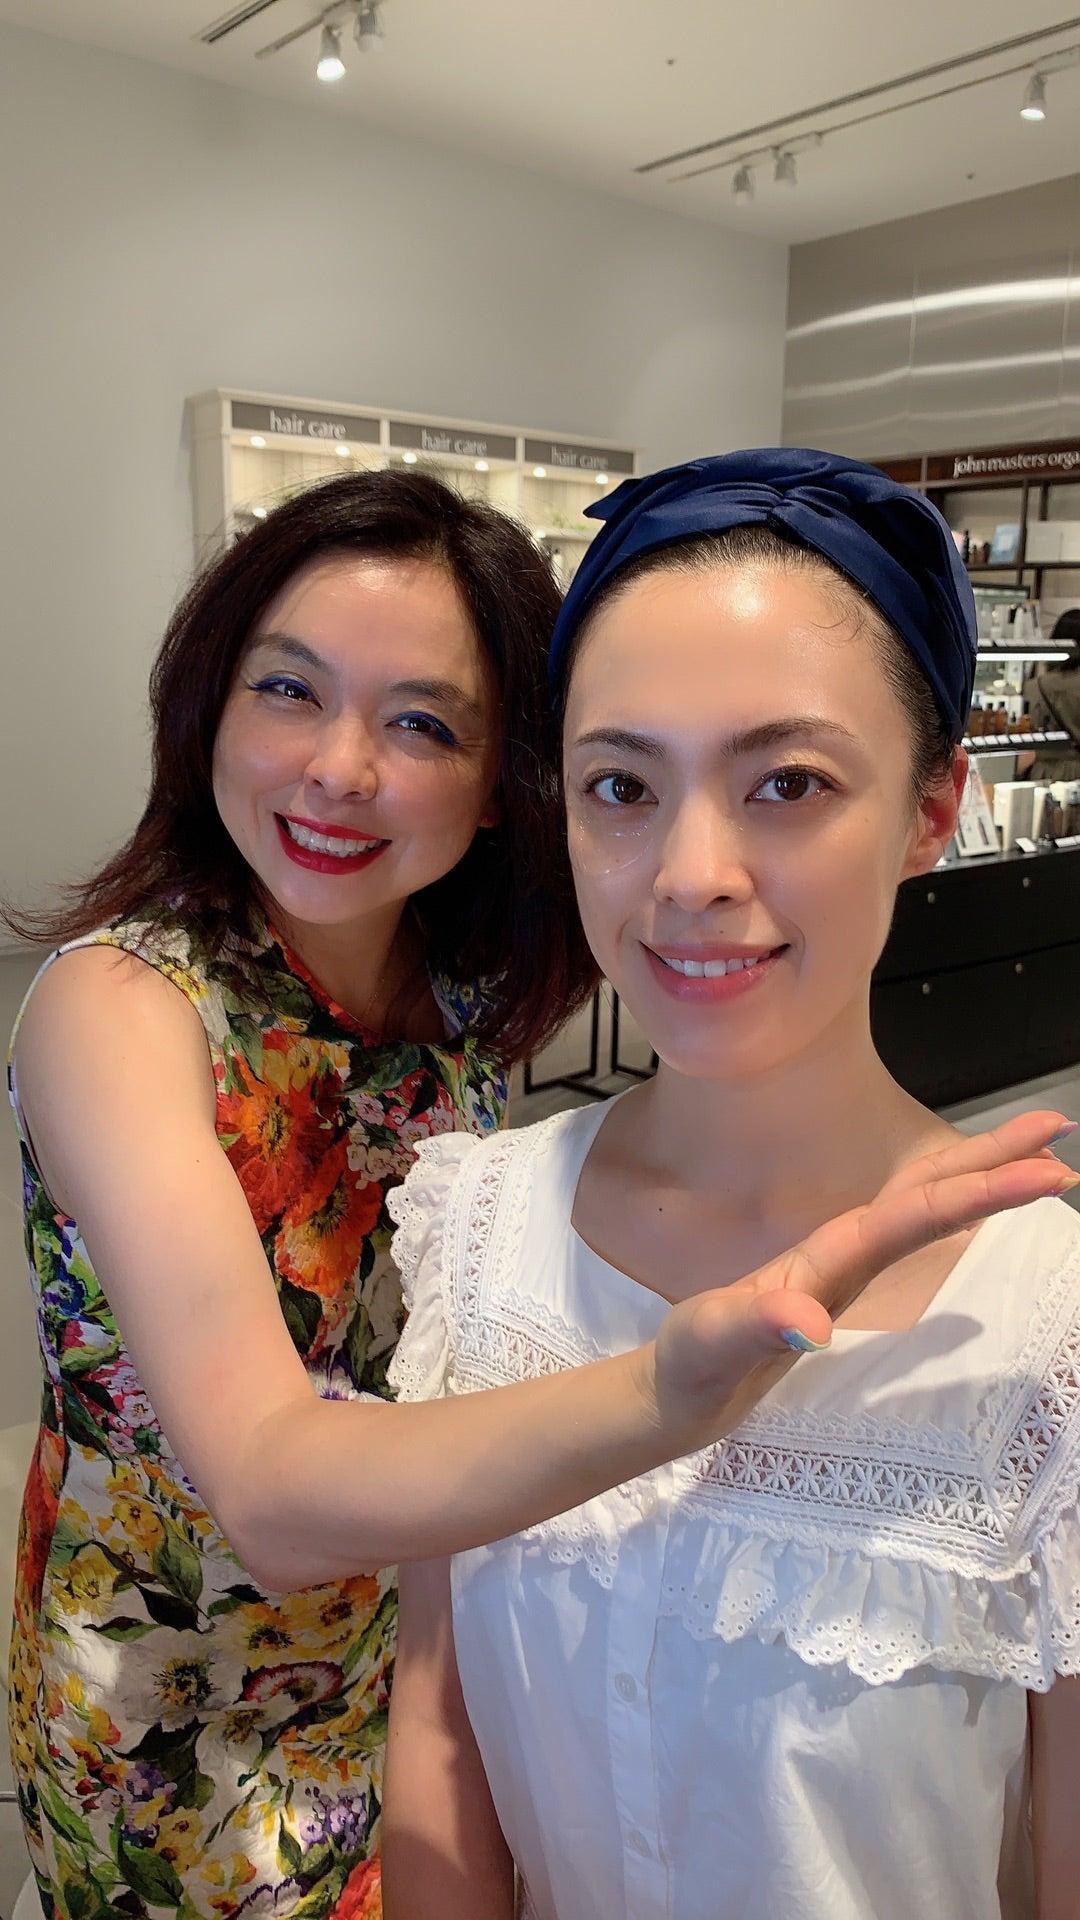 TAKAKOオフィシャルブログ「TAKAKOs Love & Happy」Powered by Ameba